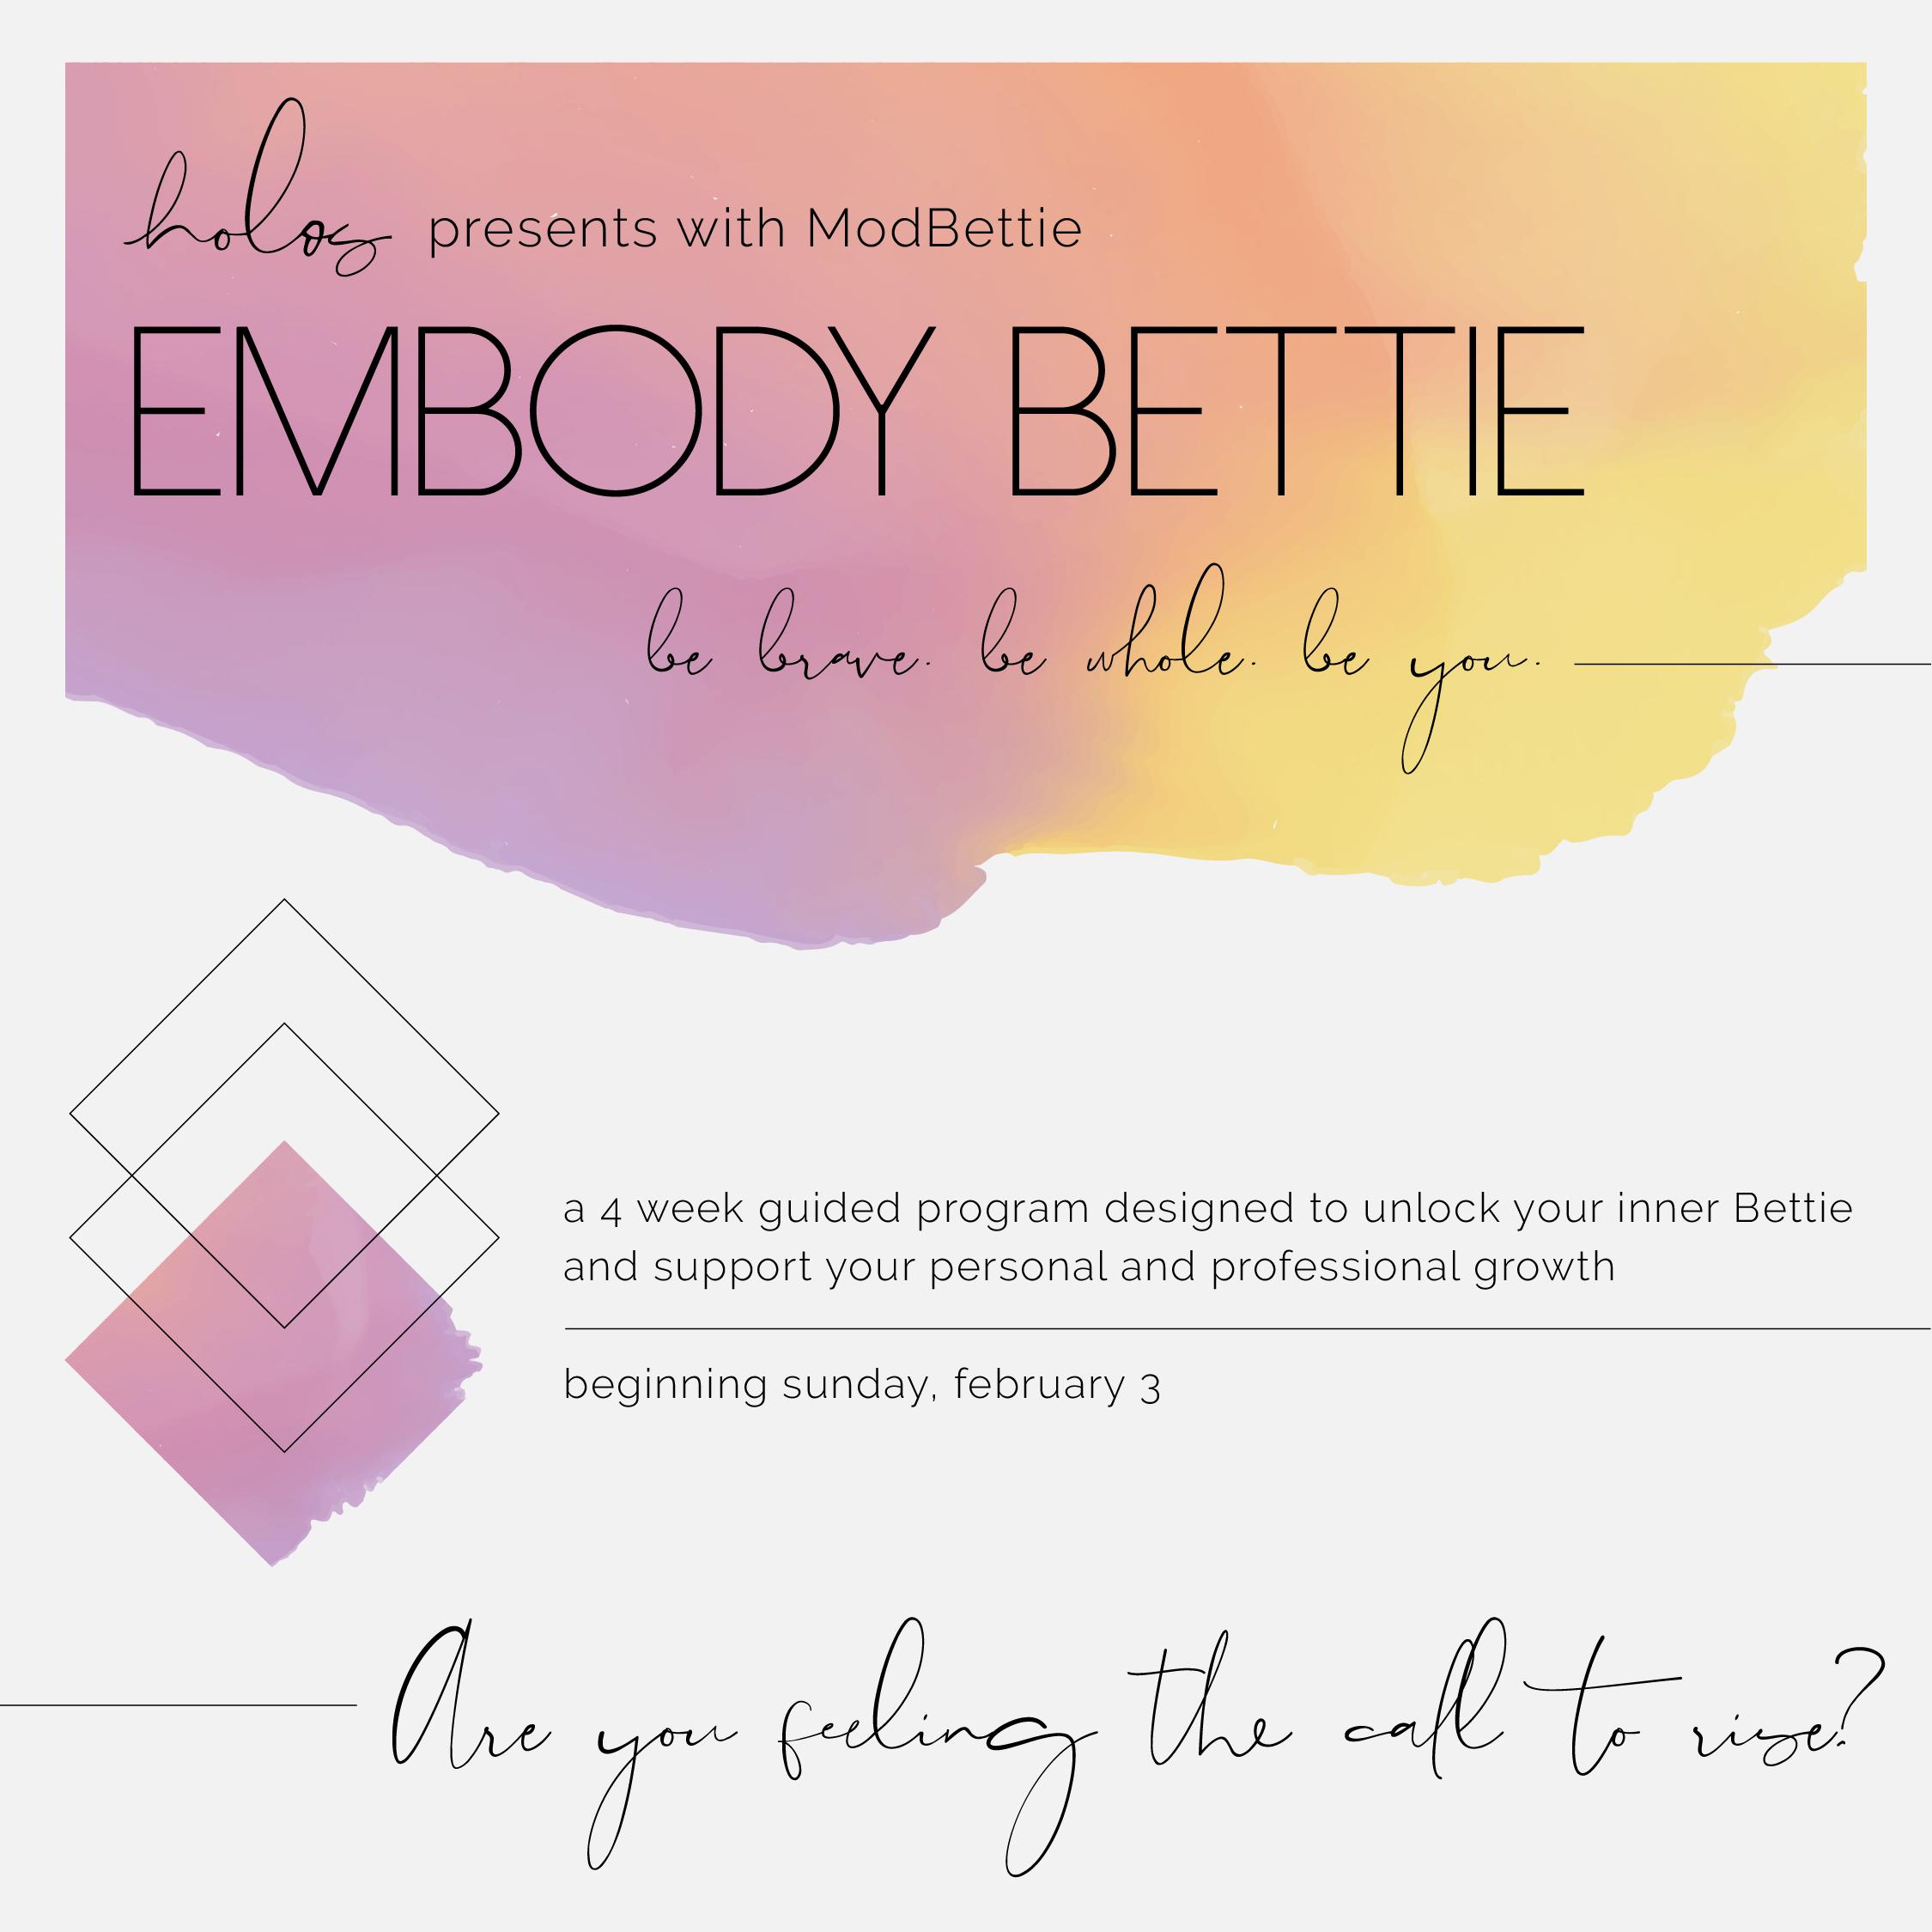 Embody Bettie-01.jpg